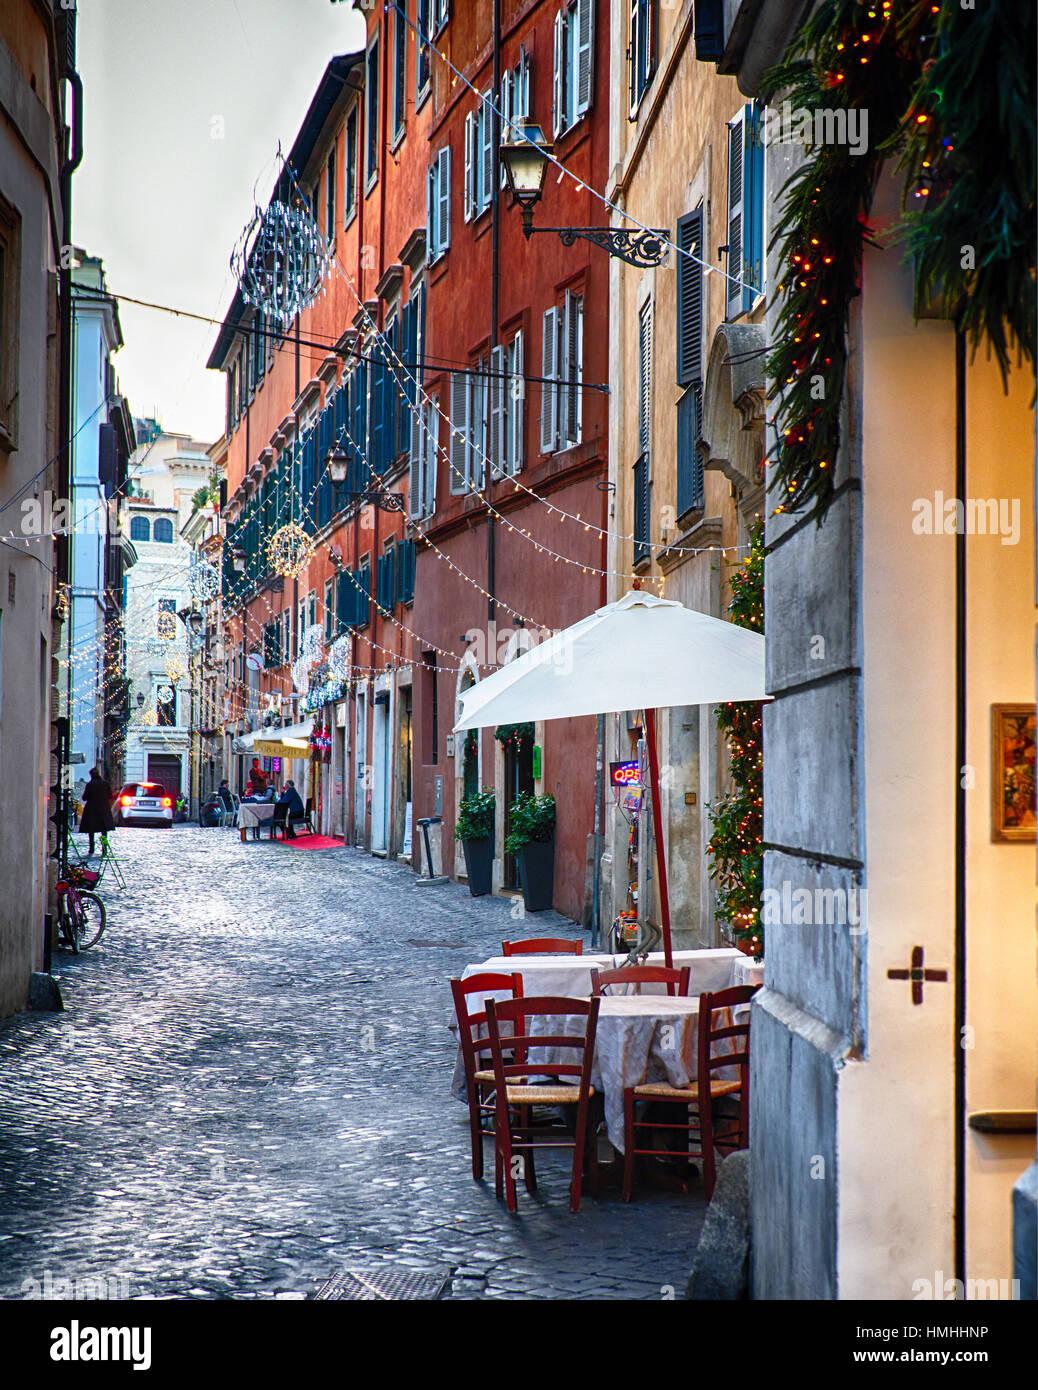 Alley en Roma durante las vacaciones de Navidad, Via Del Orso, Roma, Lazio, Italia Imagen De Stock